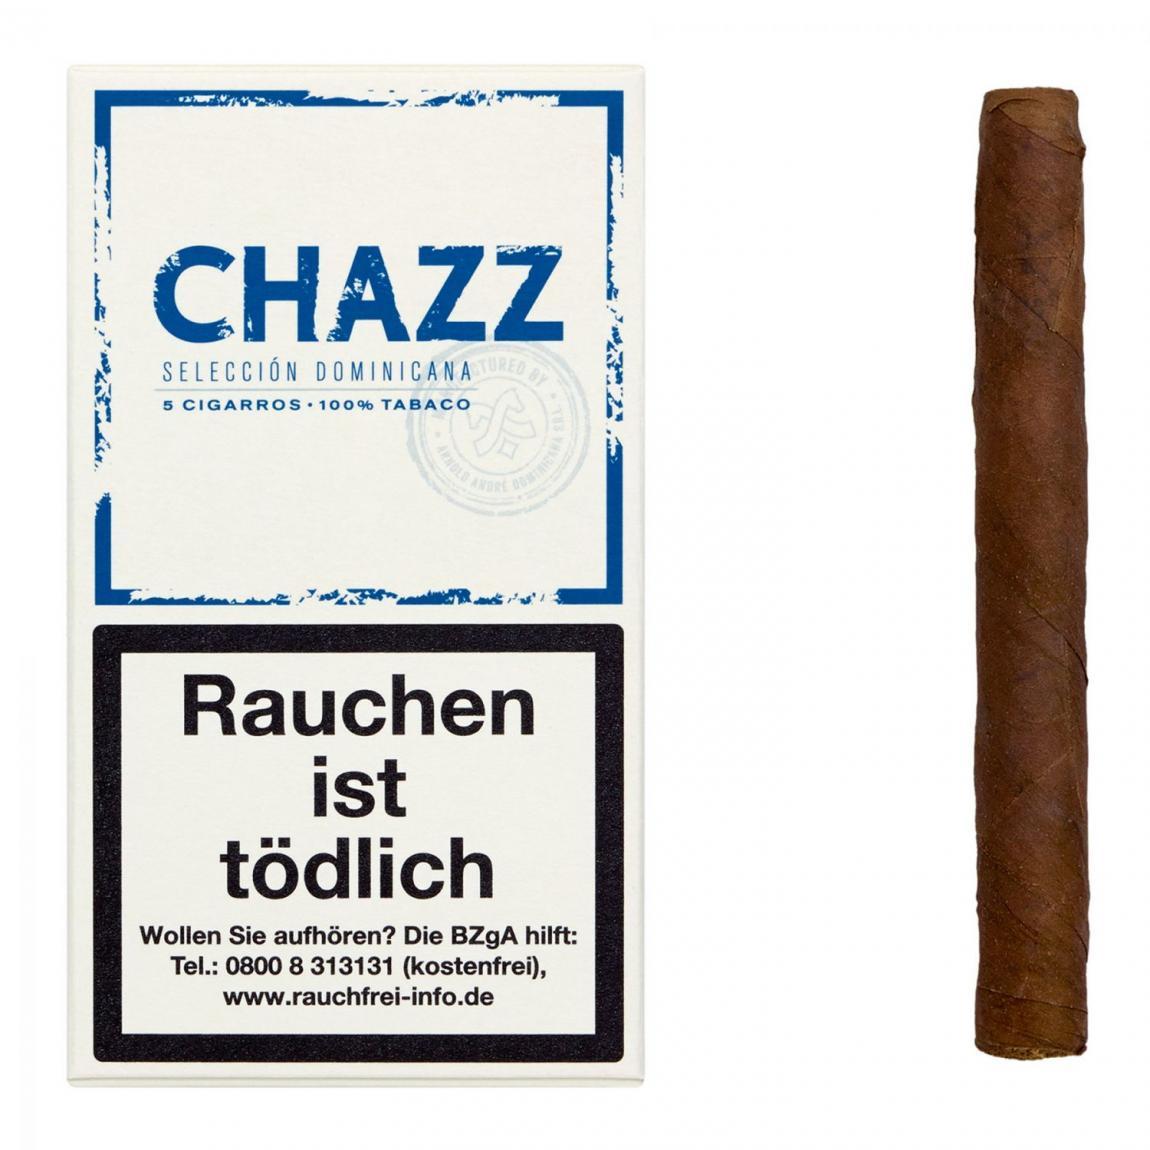 CHAZZ Cigarros - Seleccion Dominicana 5er Schachtel